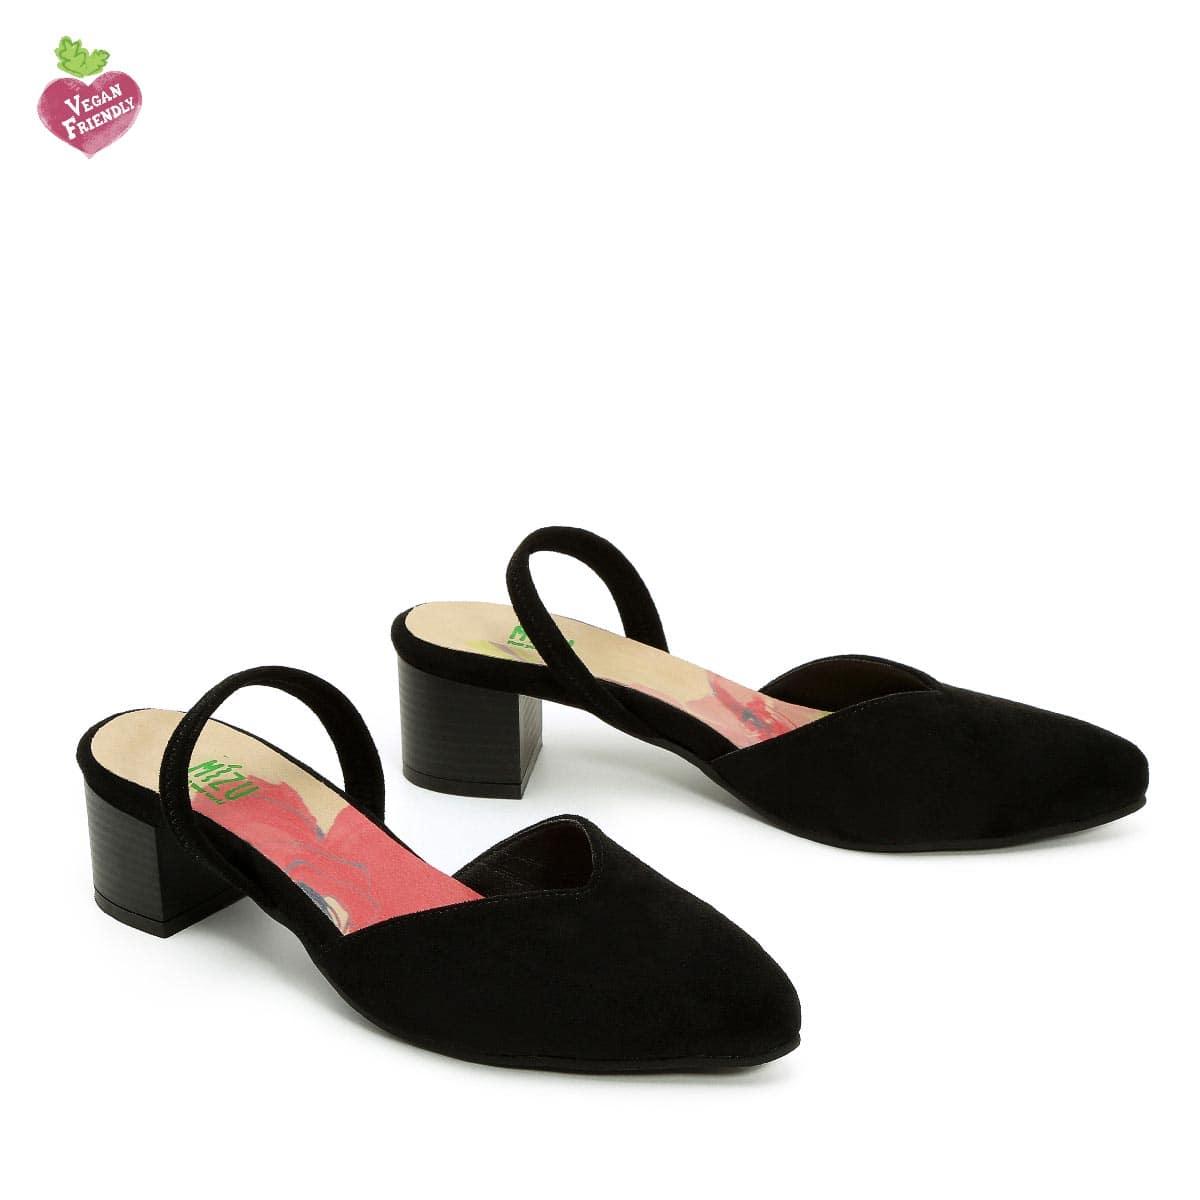 דגם אתי: נעלי סירה טבעוניות בצבע שחור